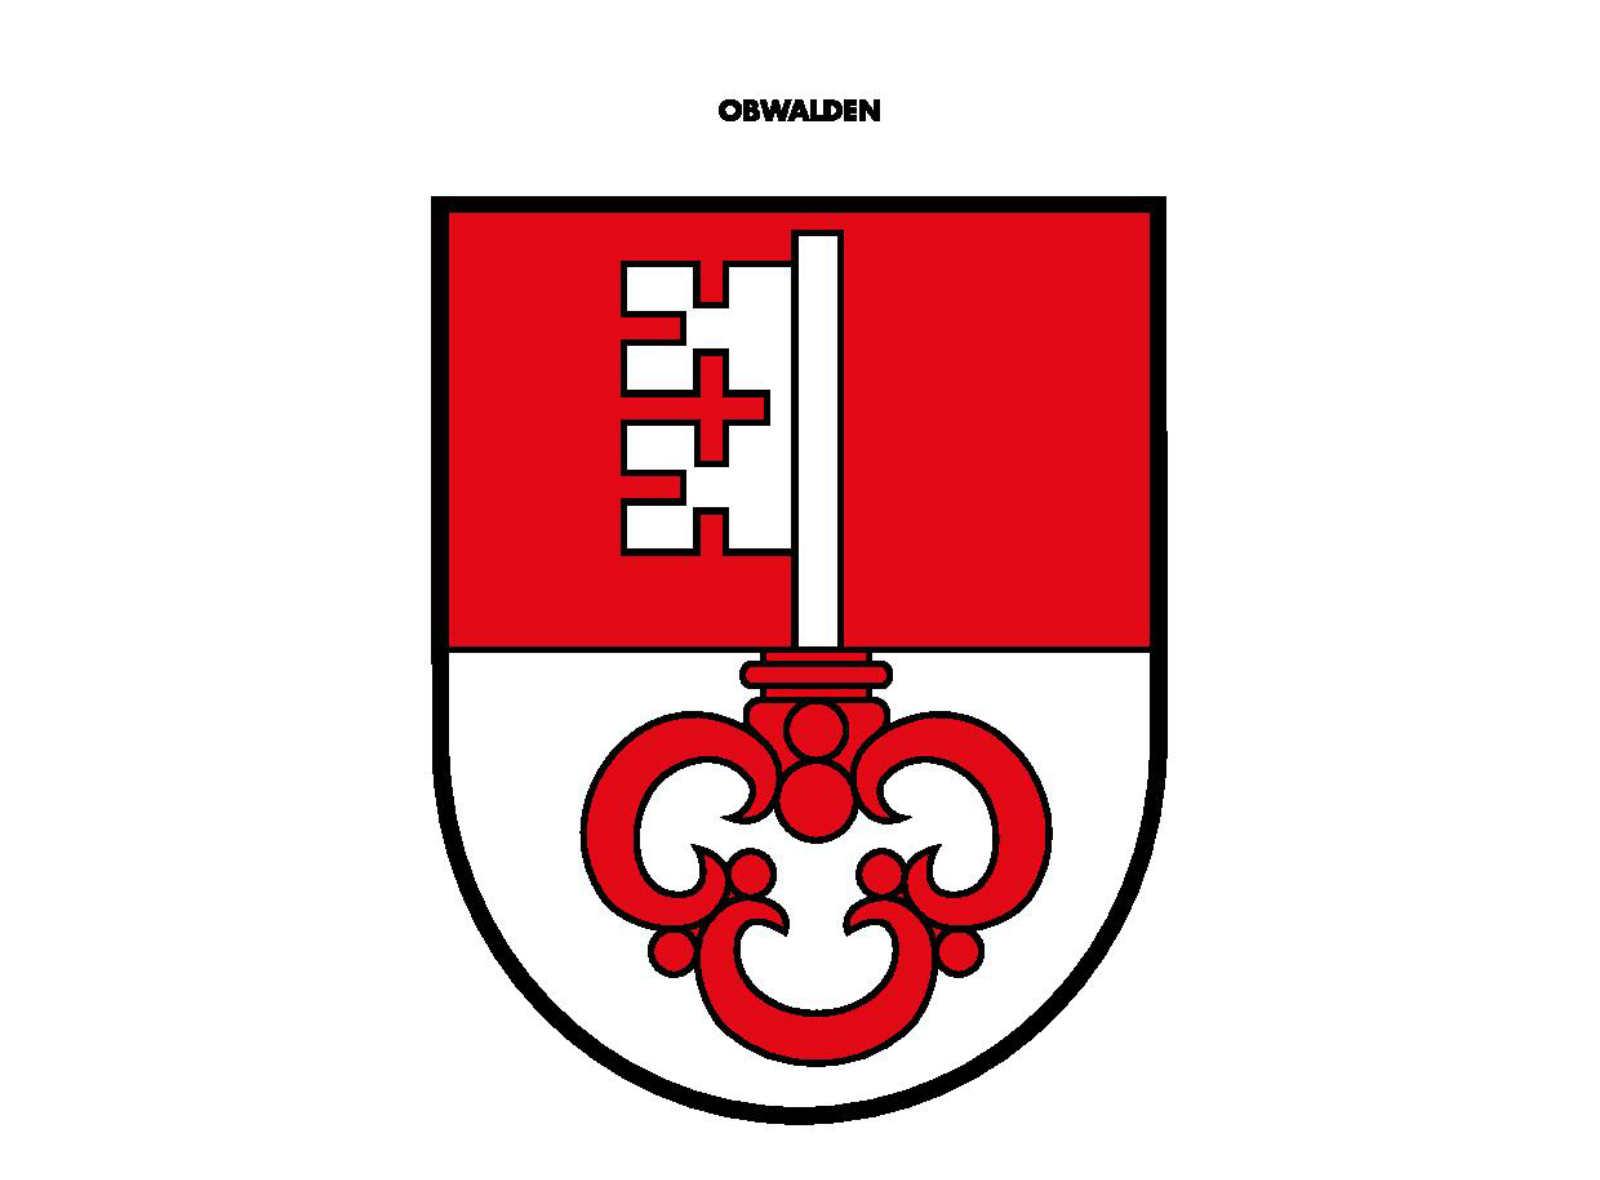 Schweizer Kantone – Obwalden